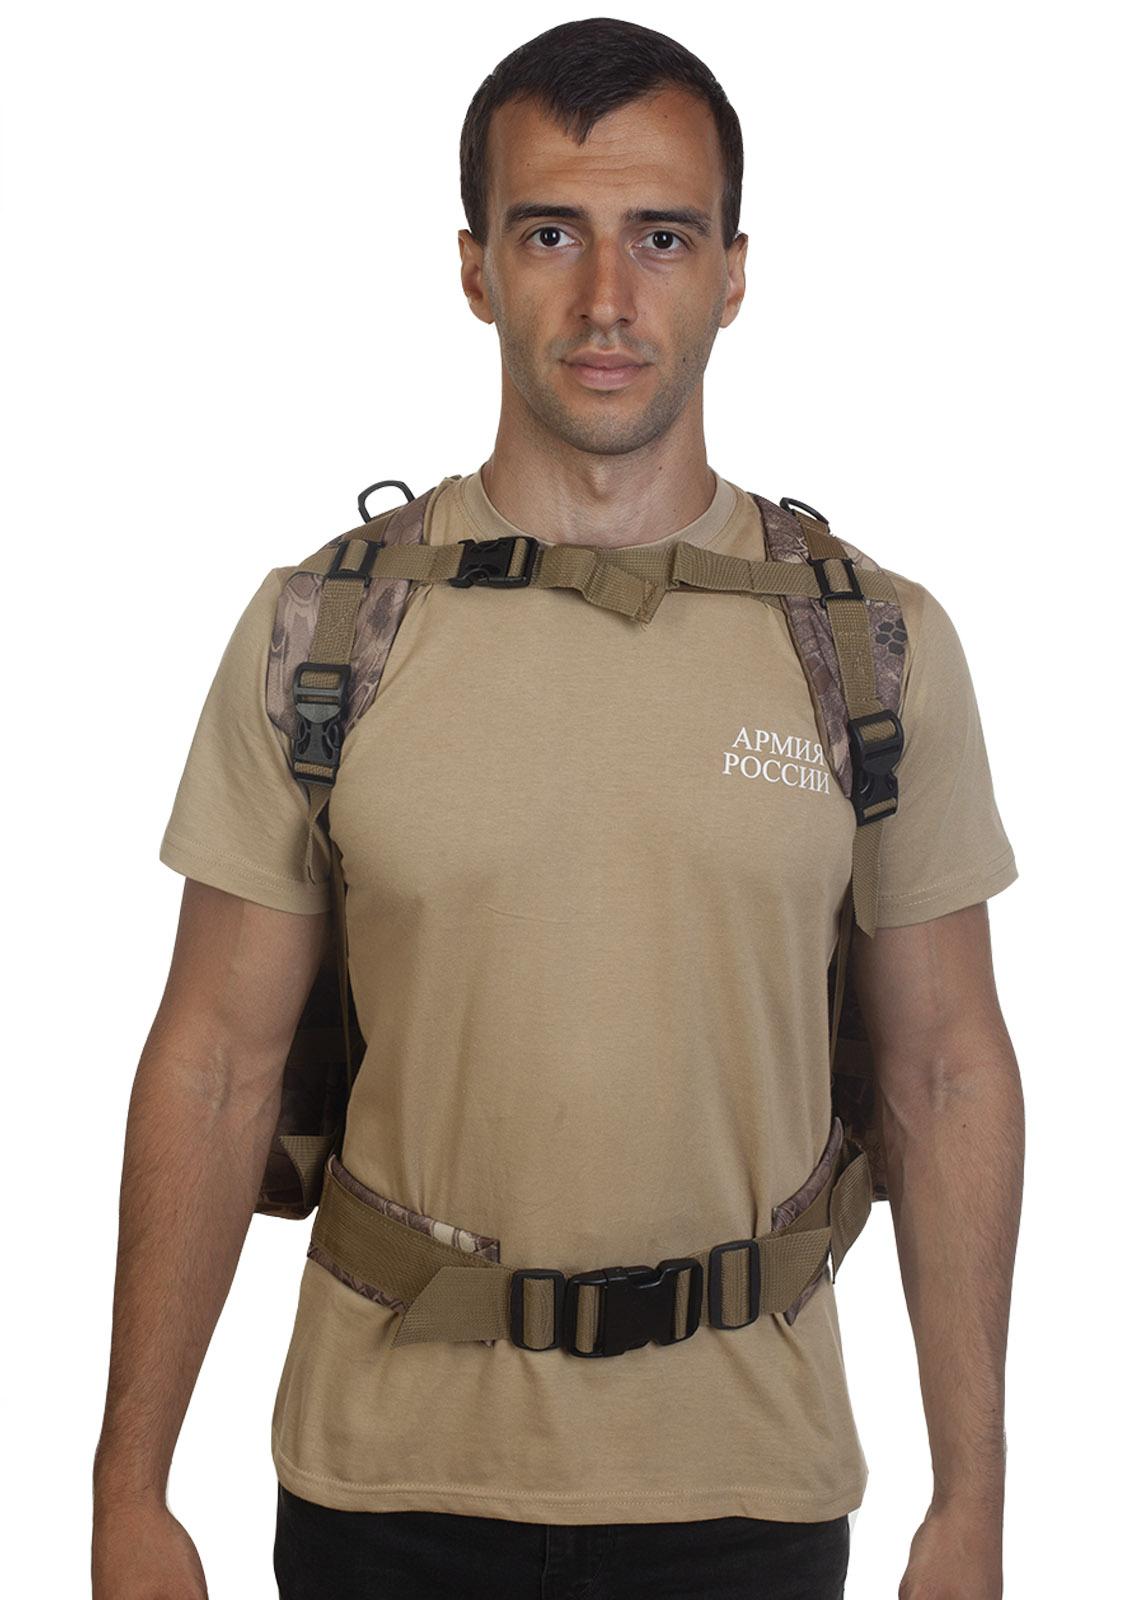 Большой армейский тактический рюкзак камуфляжа Kryptek Nomad высокого качества